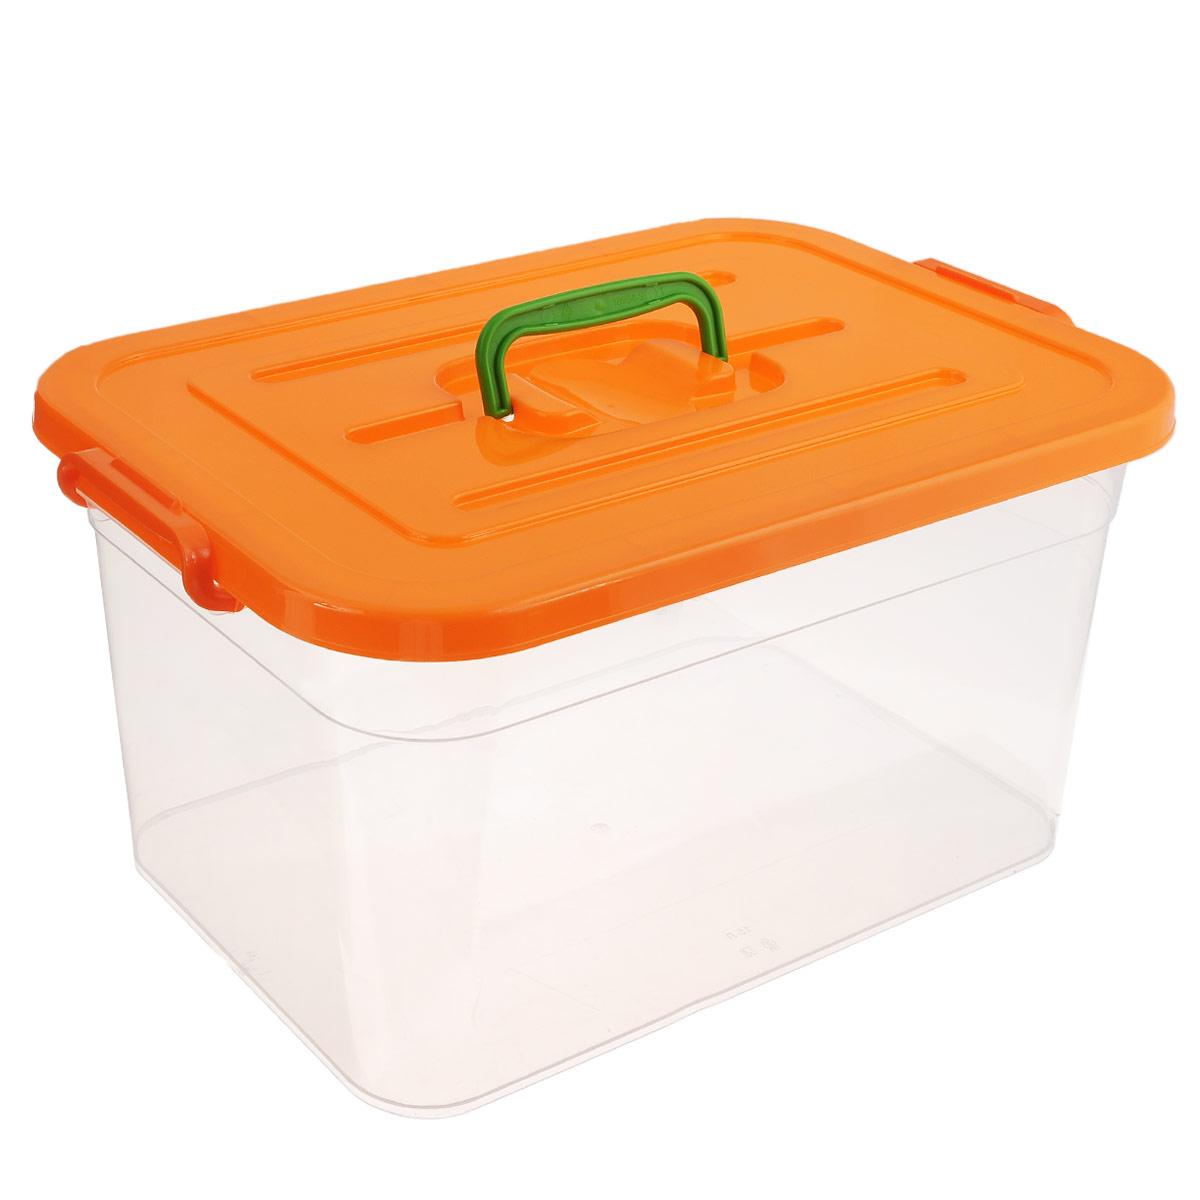 Контейнер для хранения Полимербыт, цвет: оранжевый, 15 лС811Контейнер для хранения Полимербыт выполнен из высококачественного пищевого пластика. Контейнер снабжен удобной ручкой и двумя пластиковыми фиксаторами по бокам, придающими дополнительную надежность закрывания крышки. Вместительный контейнер позволит сохранить различные нужные вещи в порядке, а герметичная крышка предотвратит случайное открывание, защитит содержимое от пыли и грязи. Объем: 15 л.